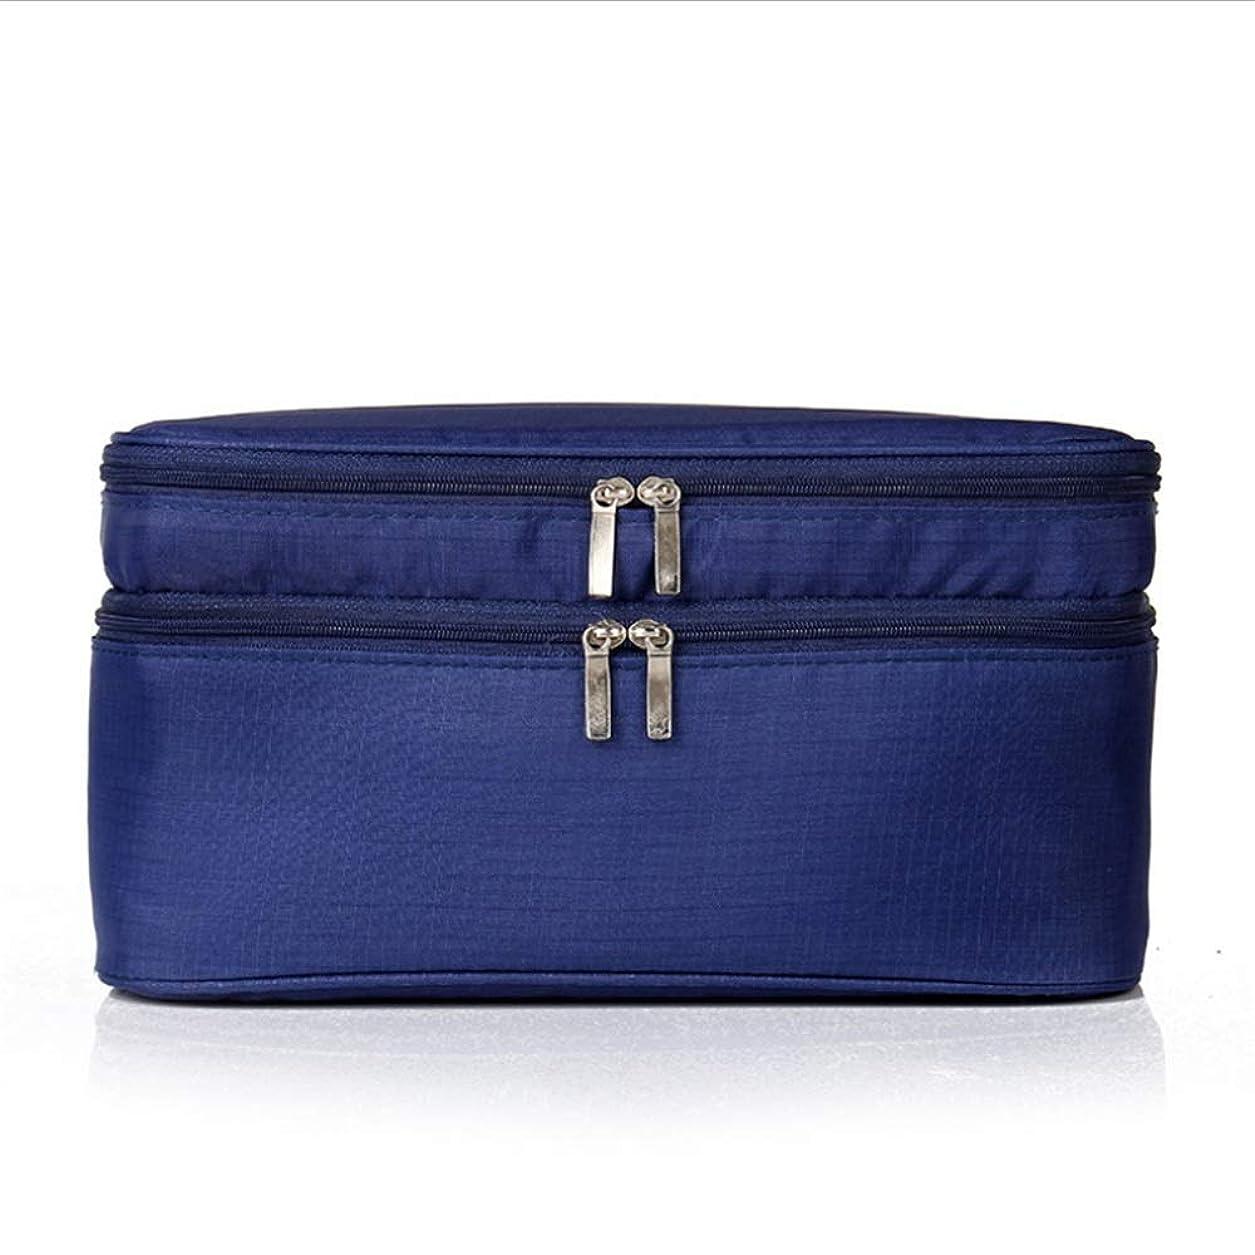 旅客見る人訴える化粧オーガナイザーバッグ トラベルブラジャー収納バッグアンダーウェアバッグ防水パーソナルファッションバッグピンク 化粧品ケース (色 : 青)